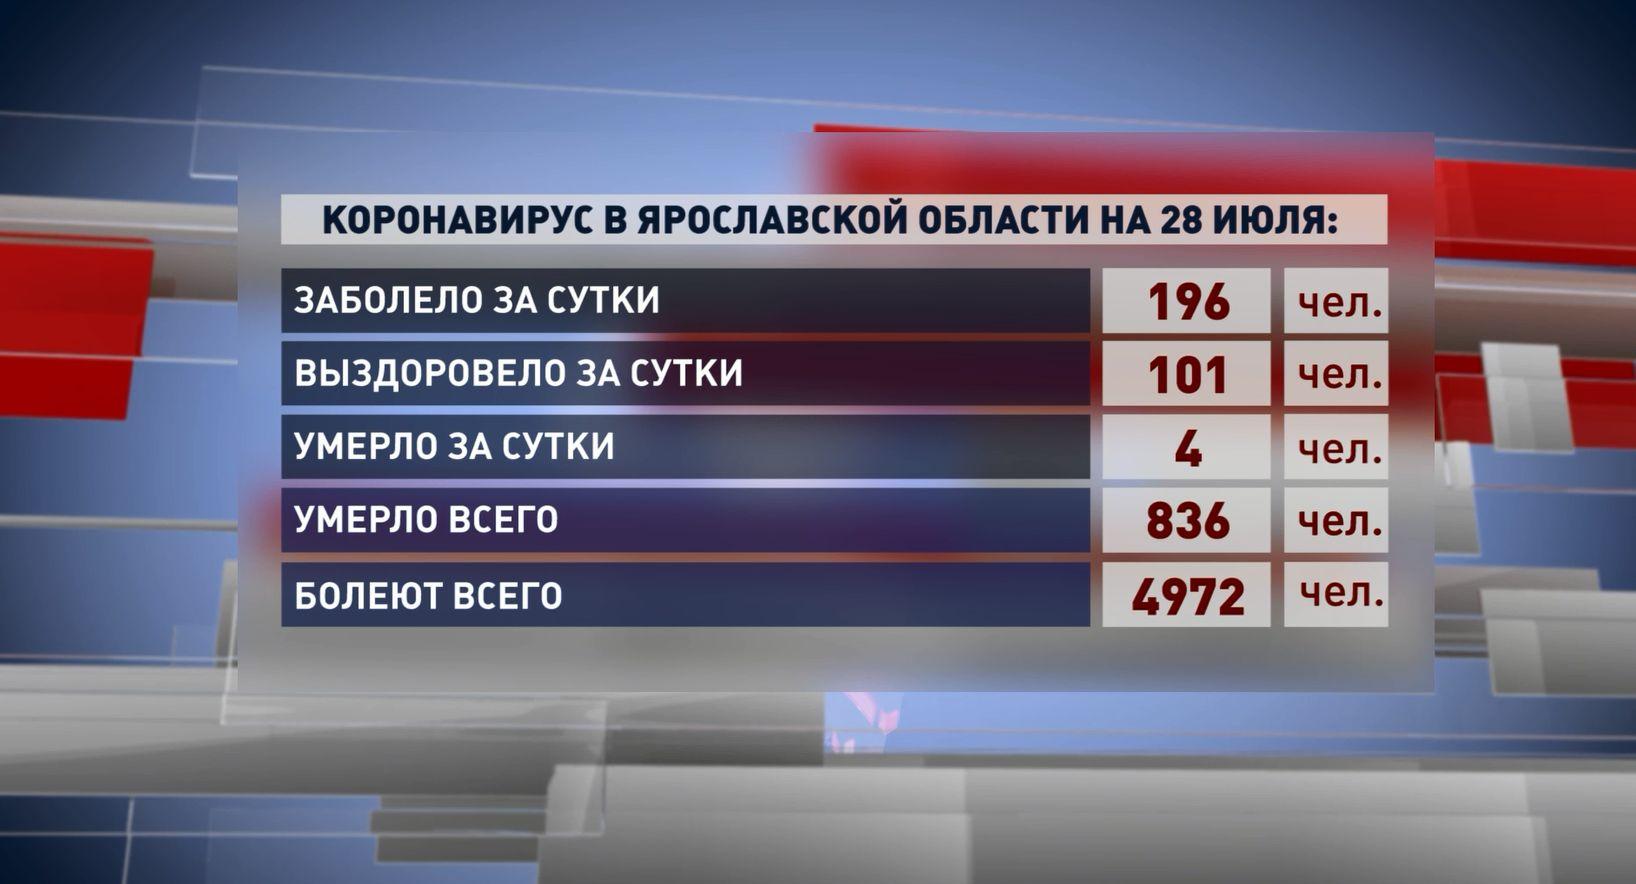 В Ярославской области за сутки 196 человек заболели коронавирусом